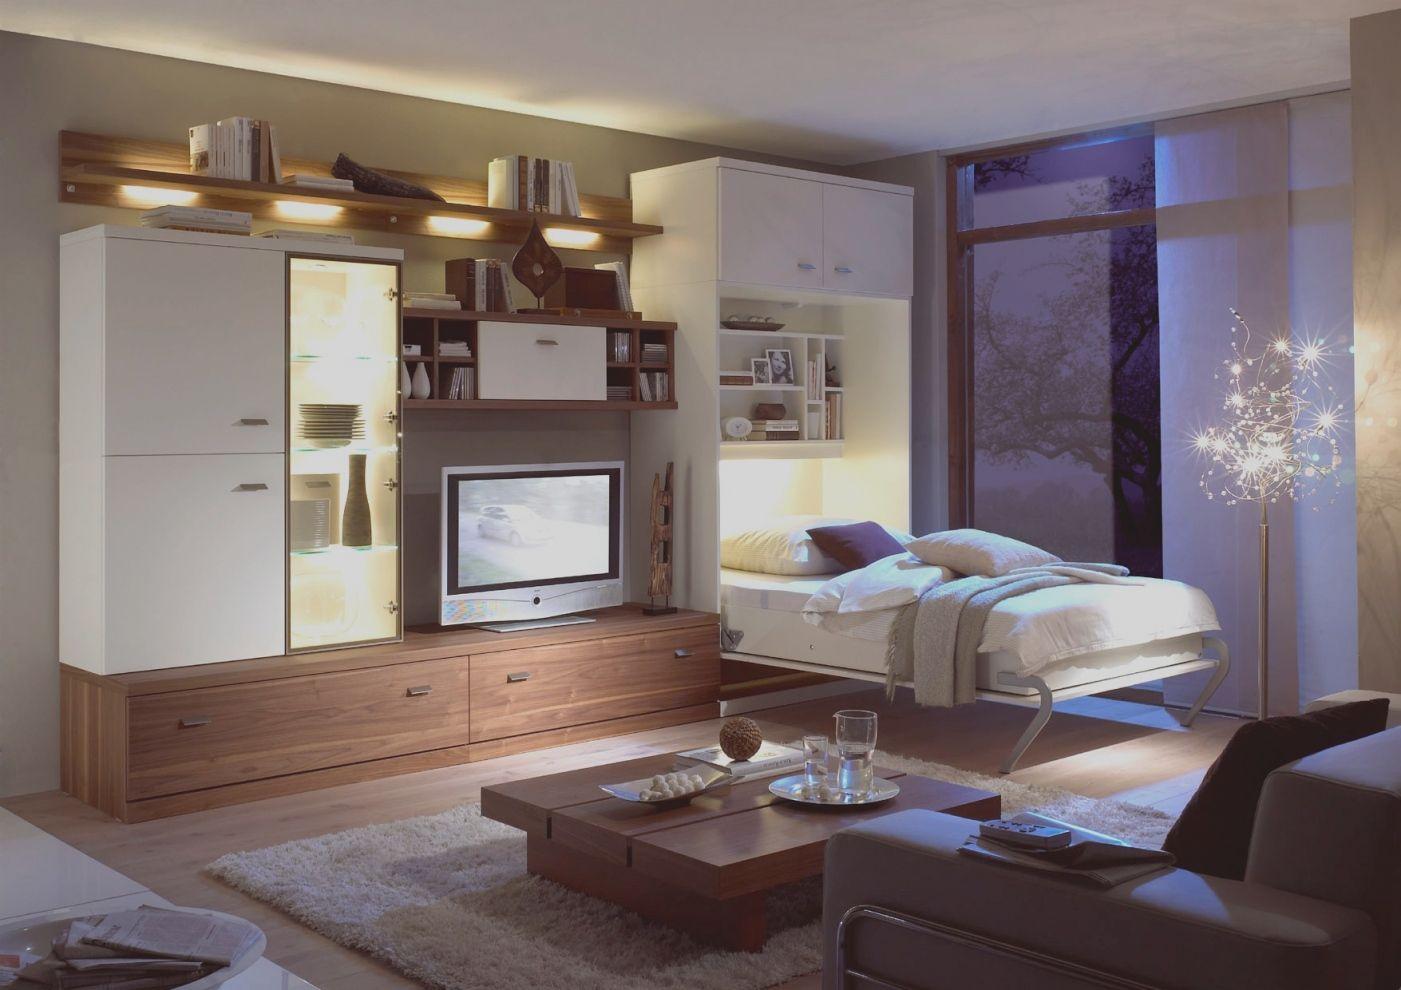 schlaf und wohnzimmer kombinieren